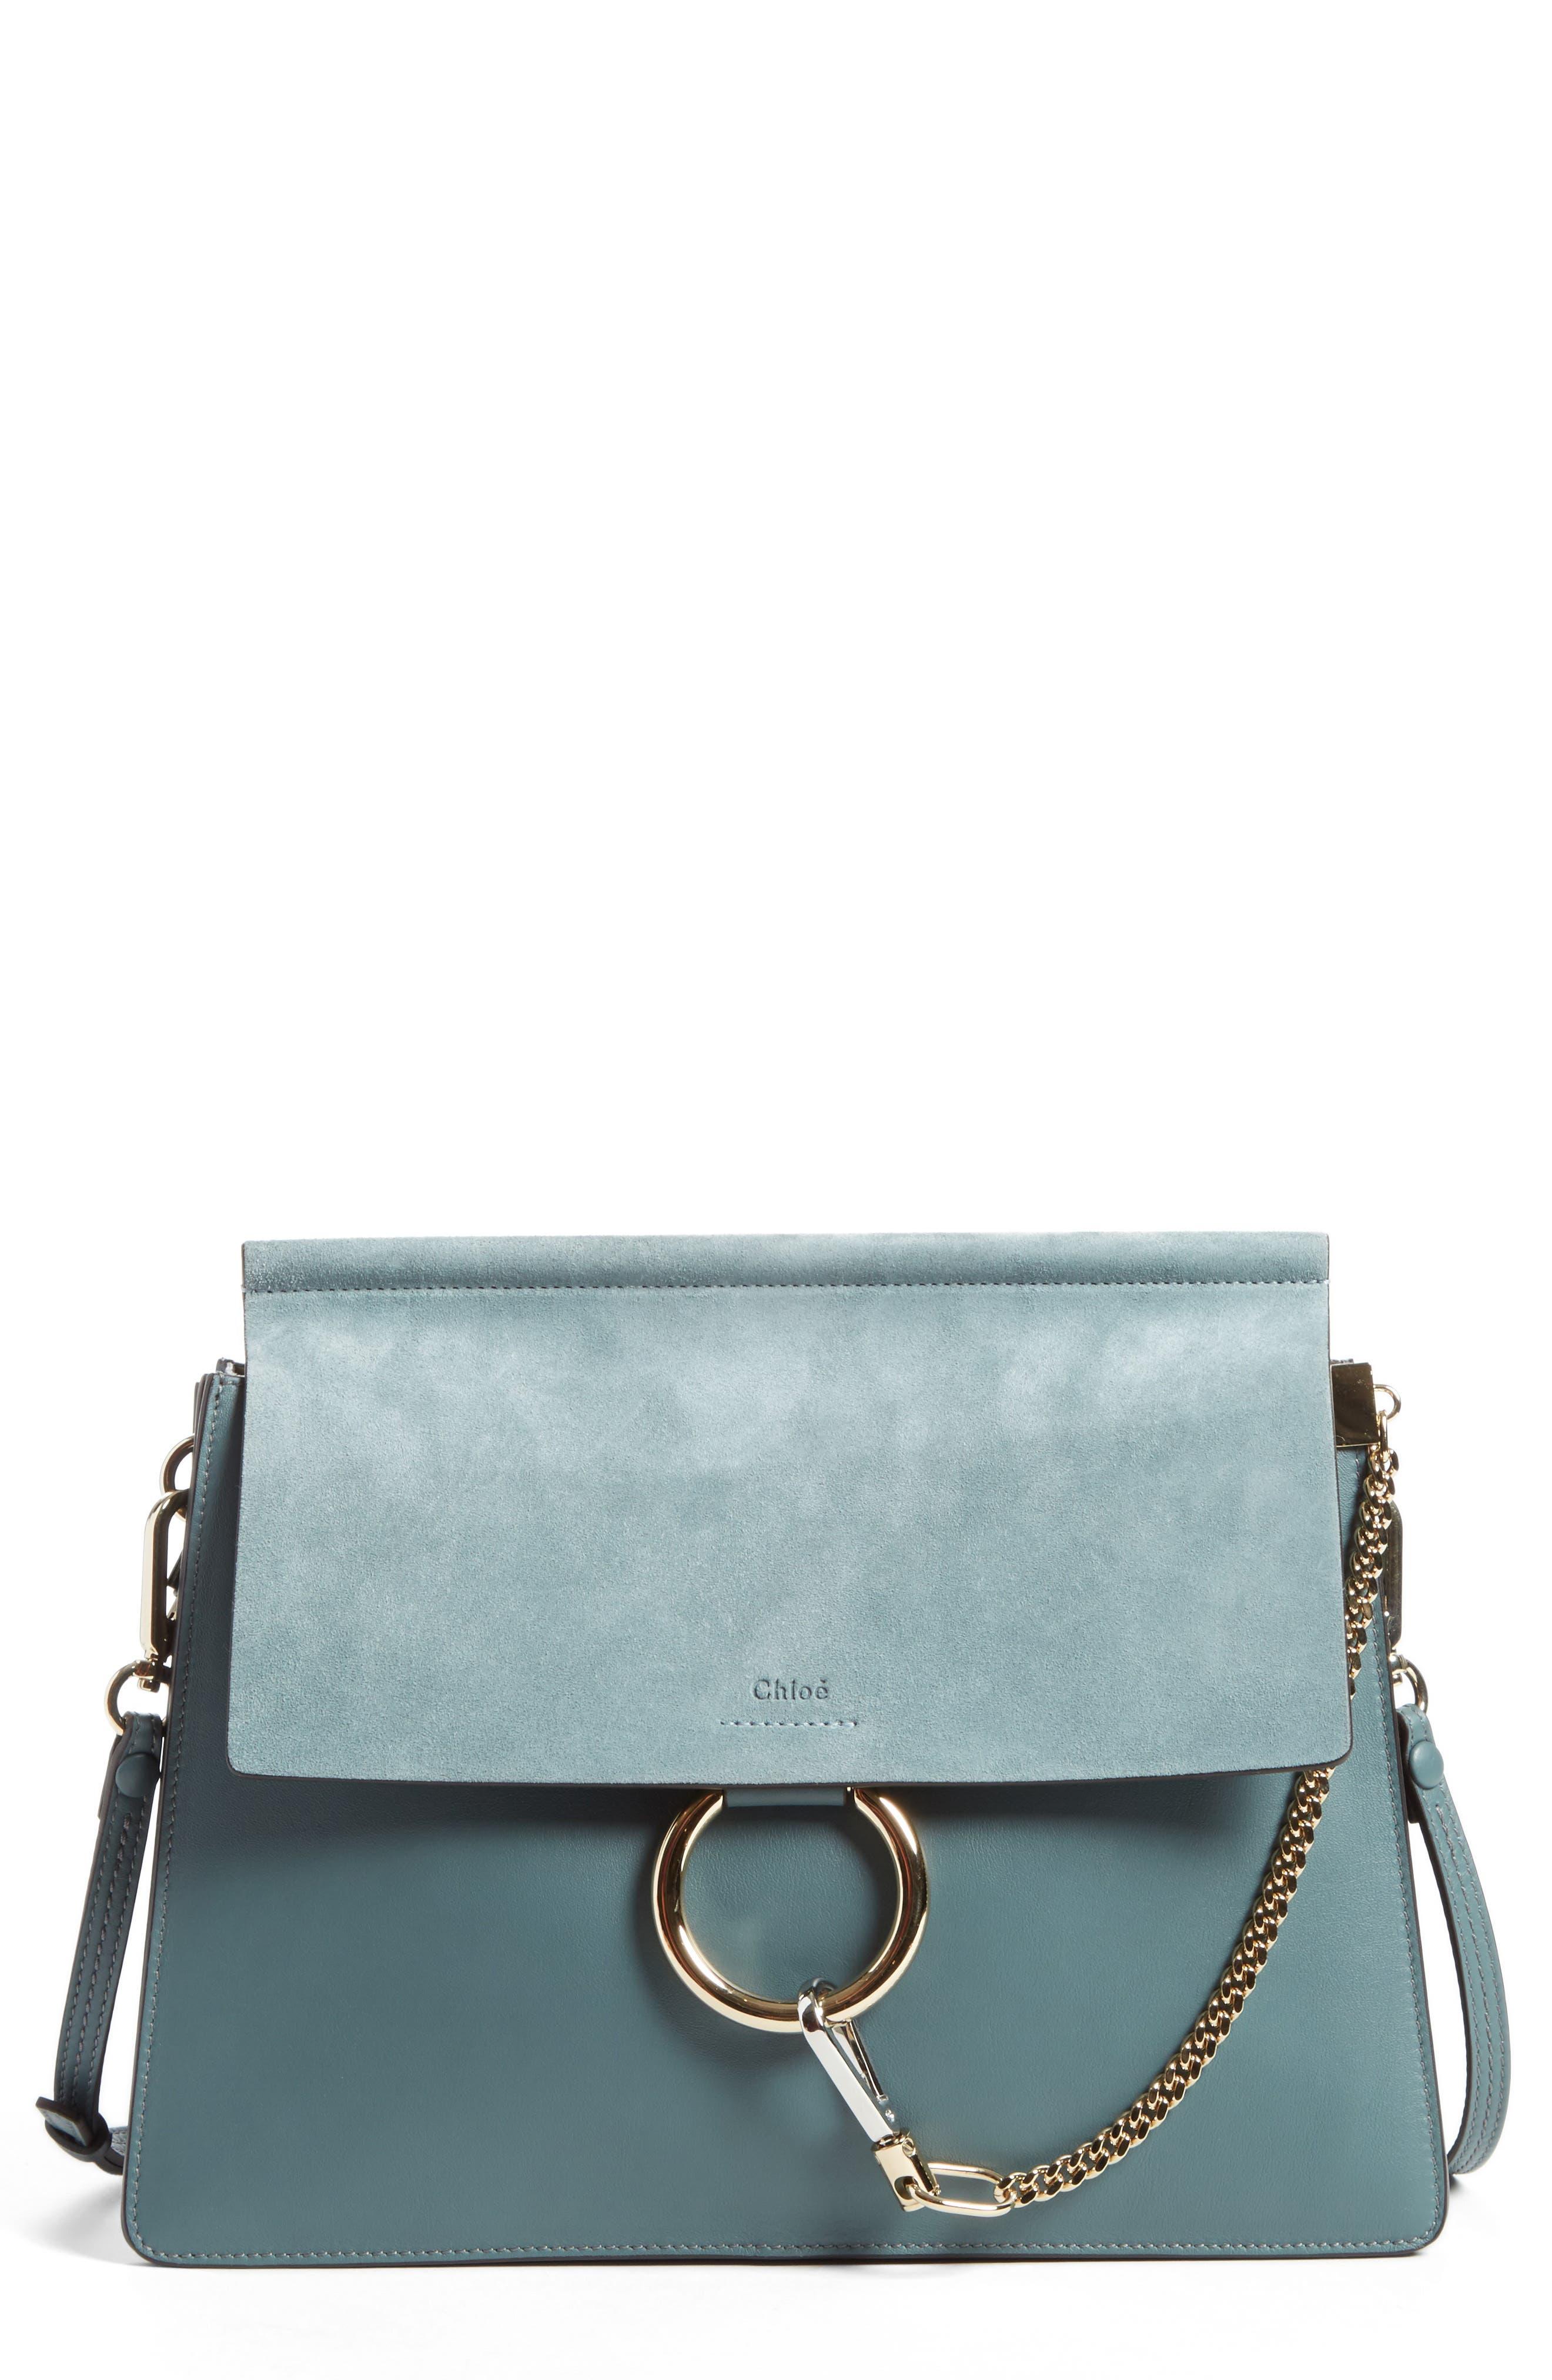 Chloé Faye Suede & Leather Shoulder Bag